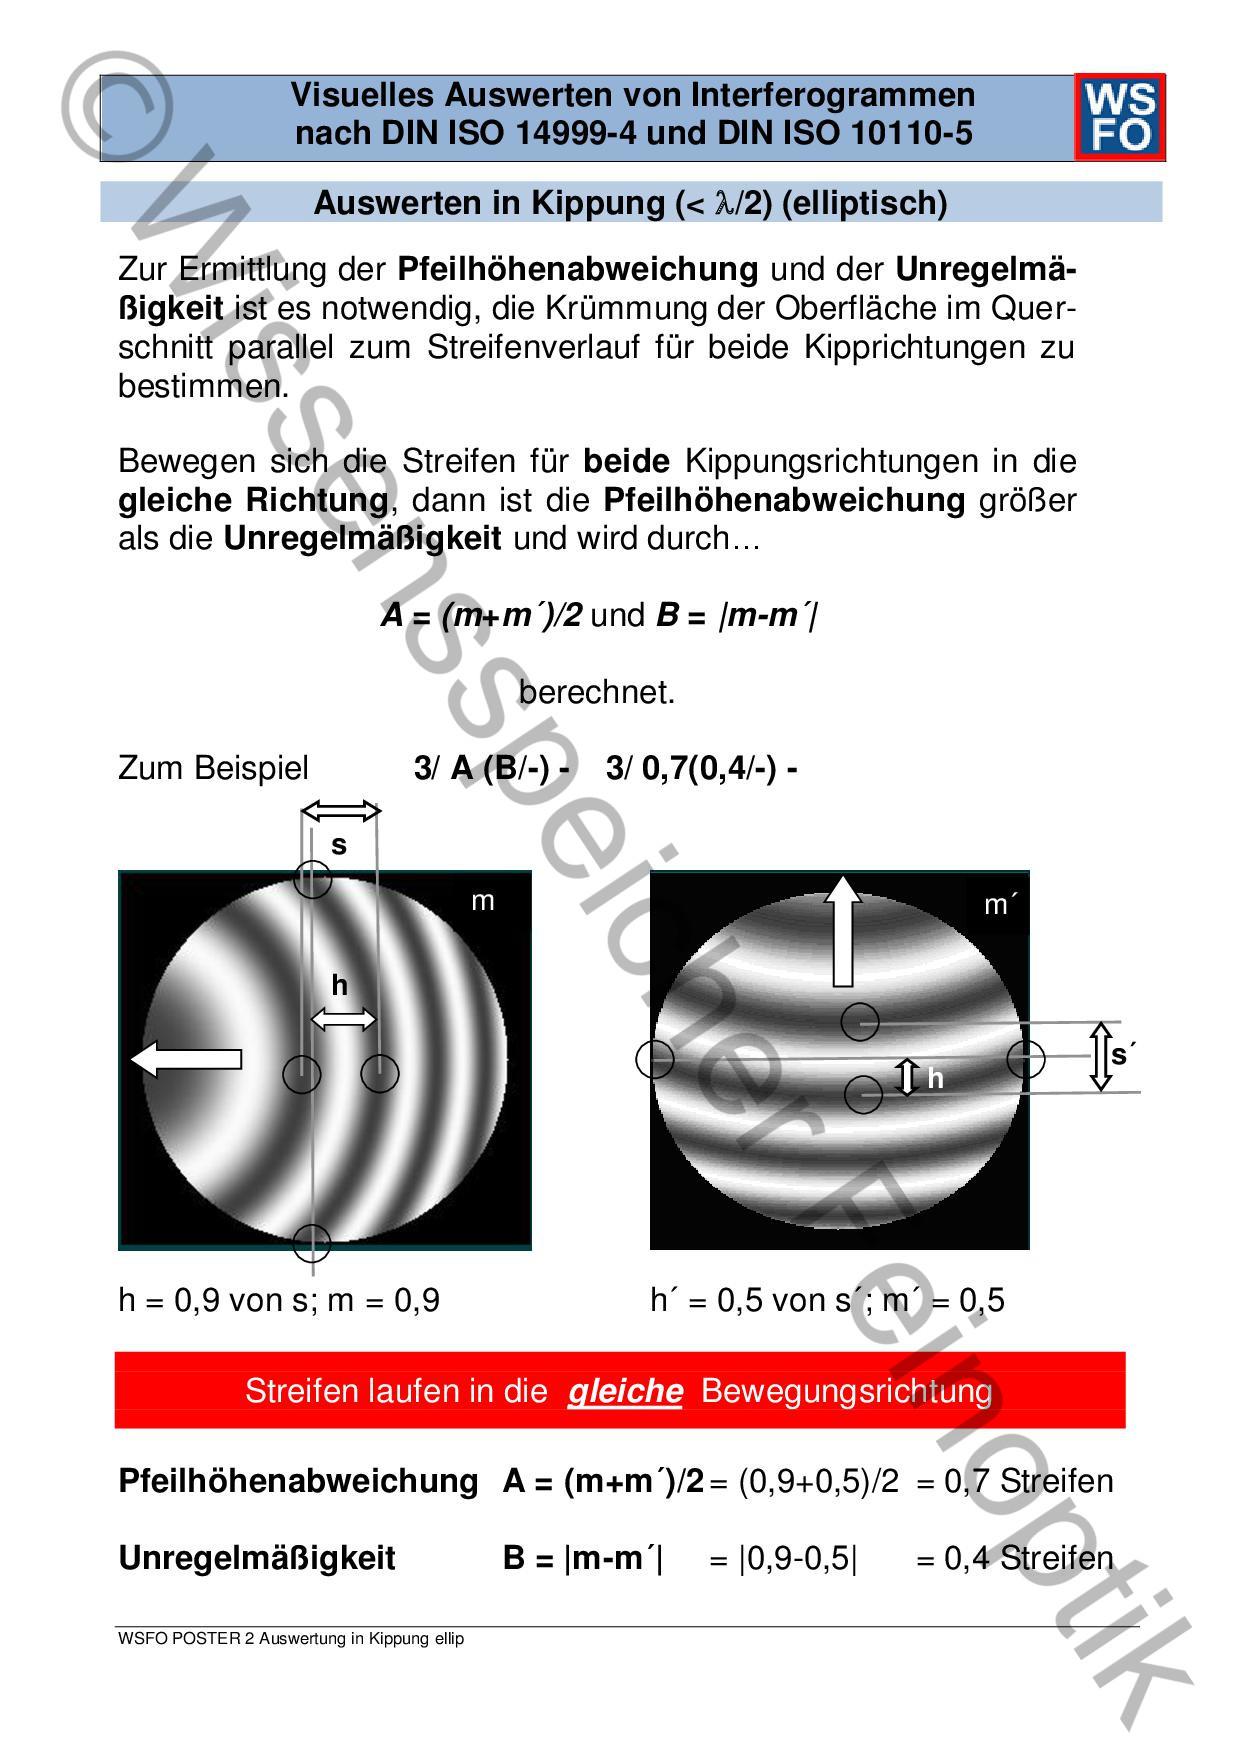 Poster 02: Kippung elliptisch